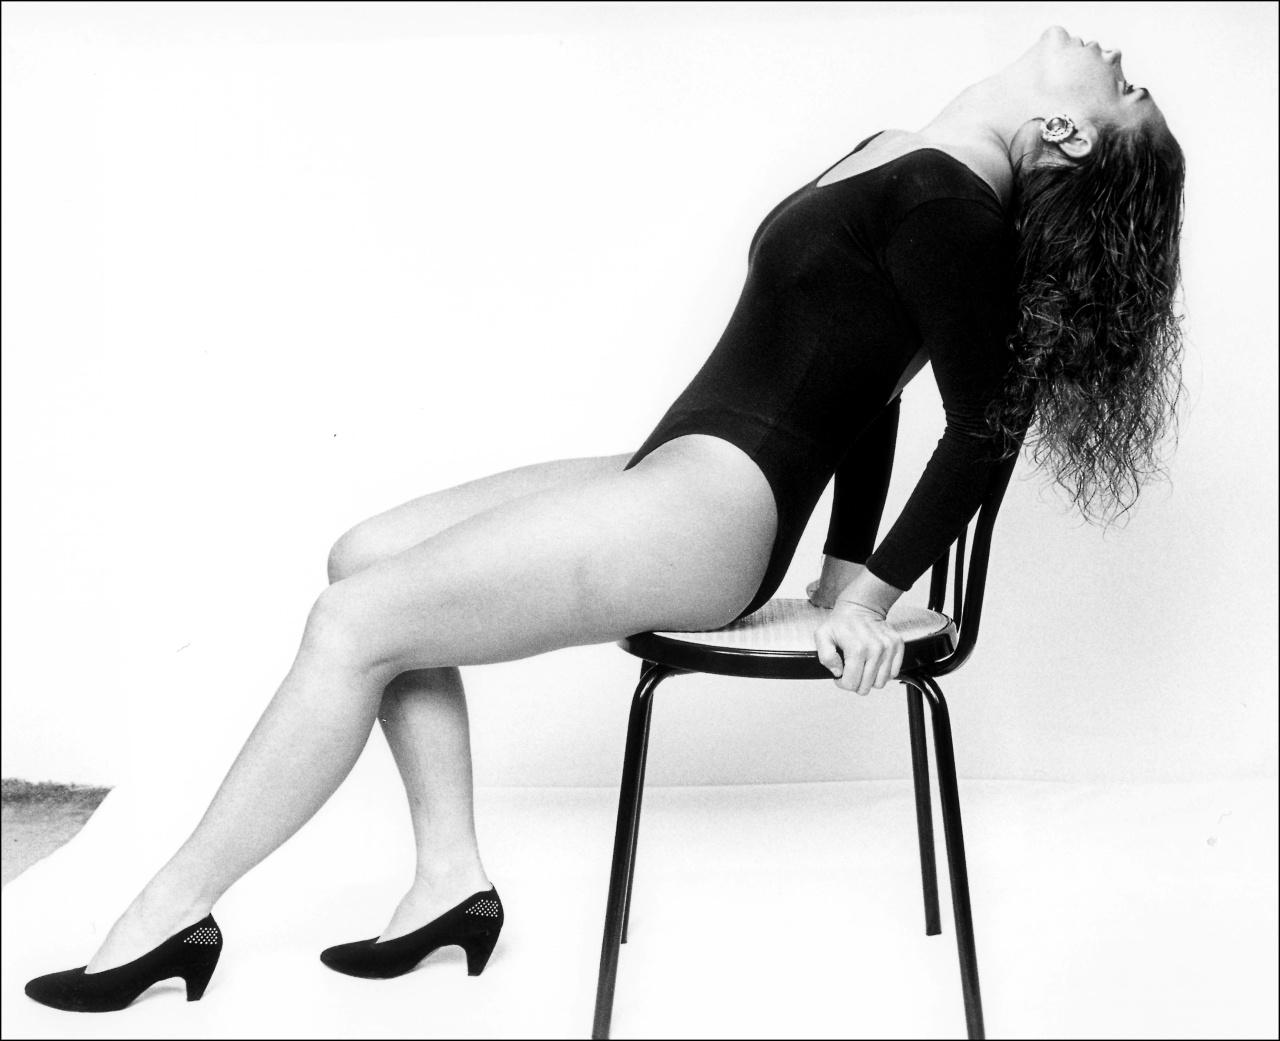 Sexy mature woman ass